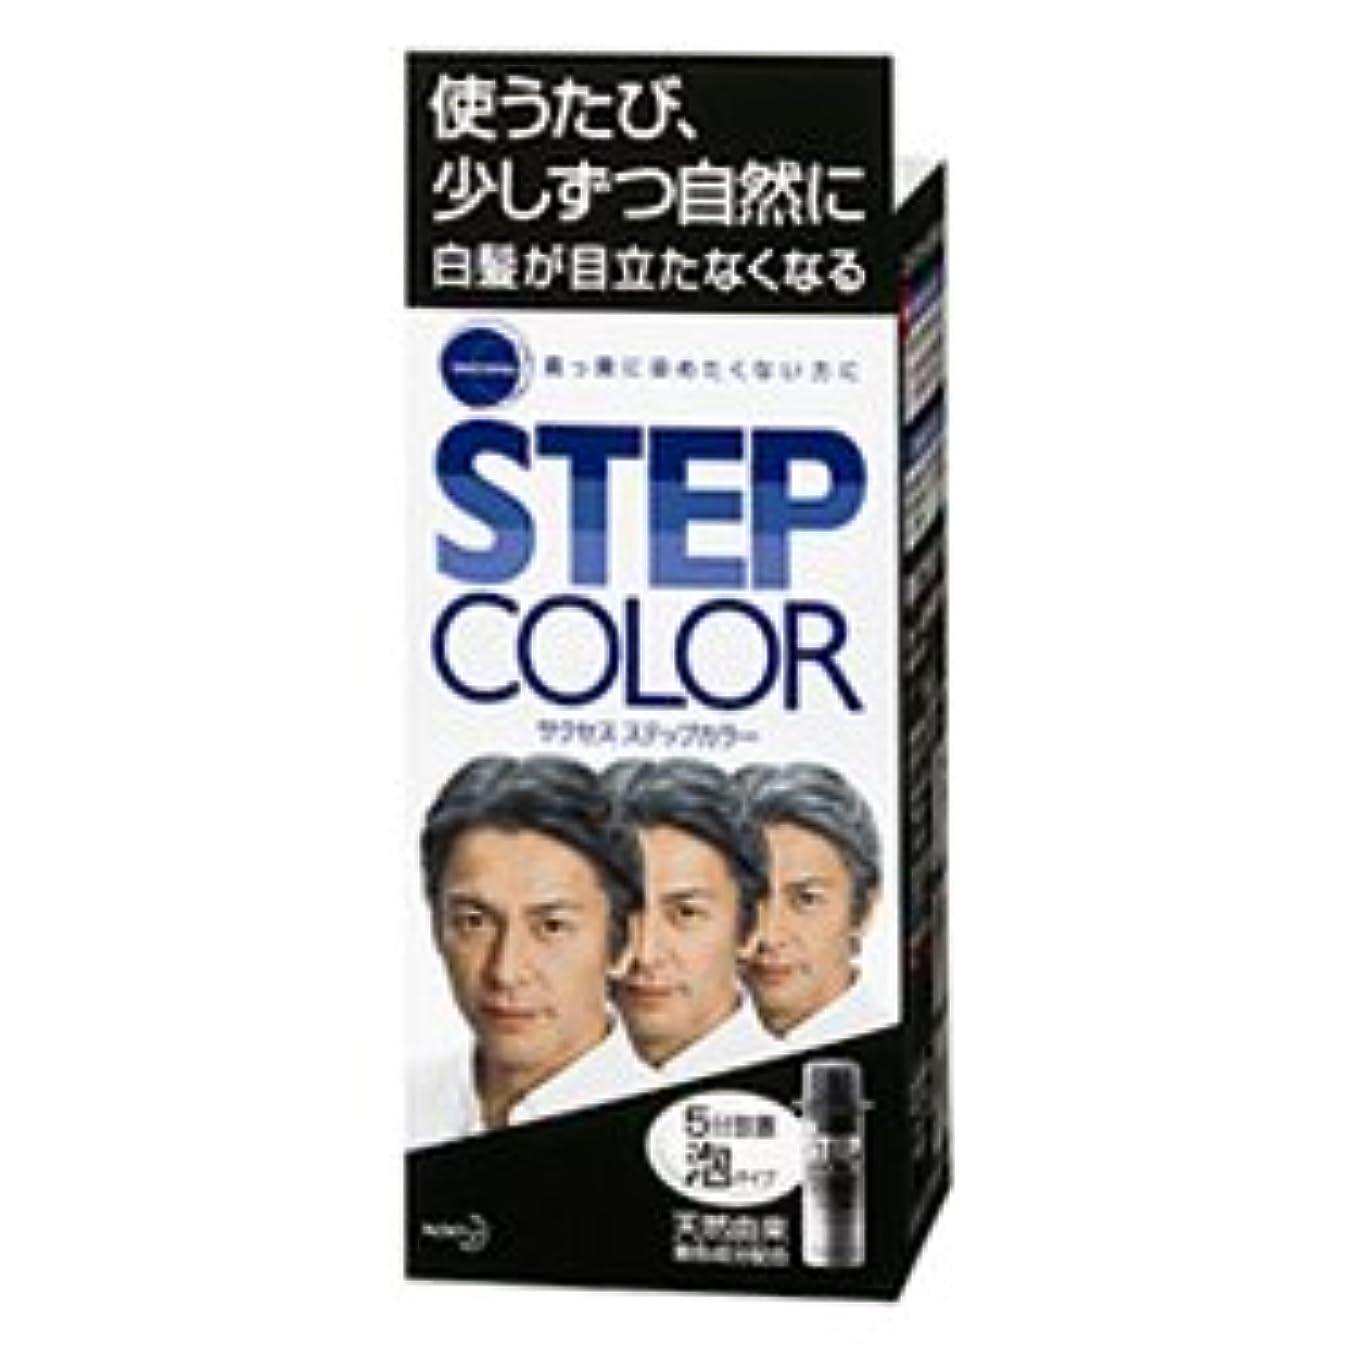 ボウル保守的チャレンジ【花王】サクセスステップカラー 110g ×5個セット